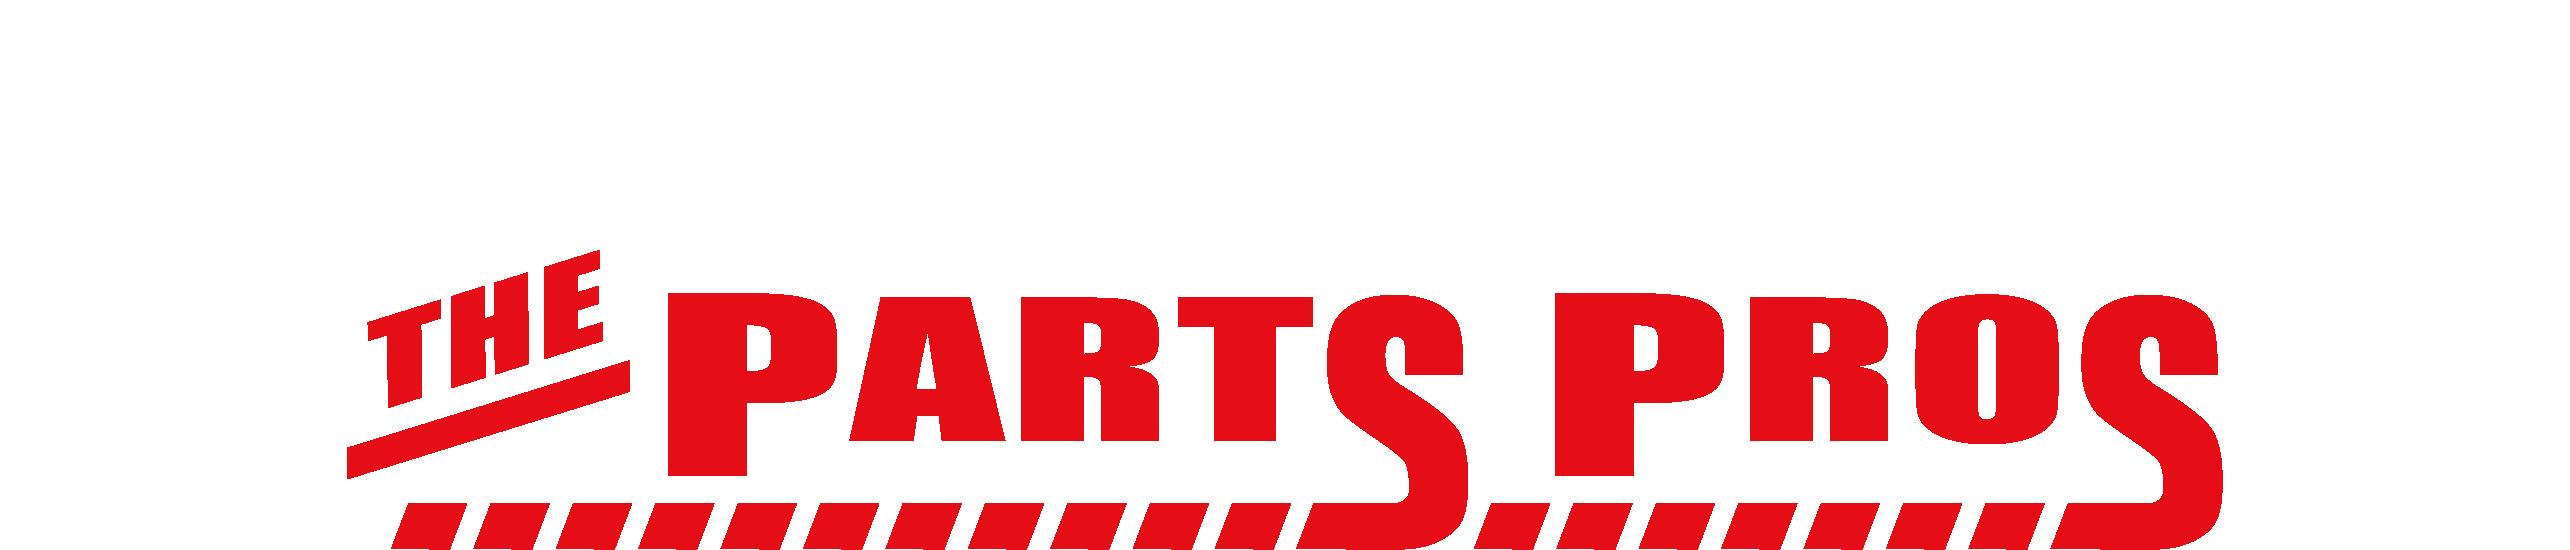 Benefit Wholesale Parts & Equipment